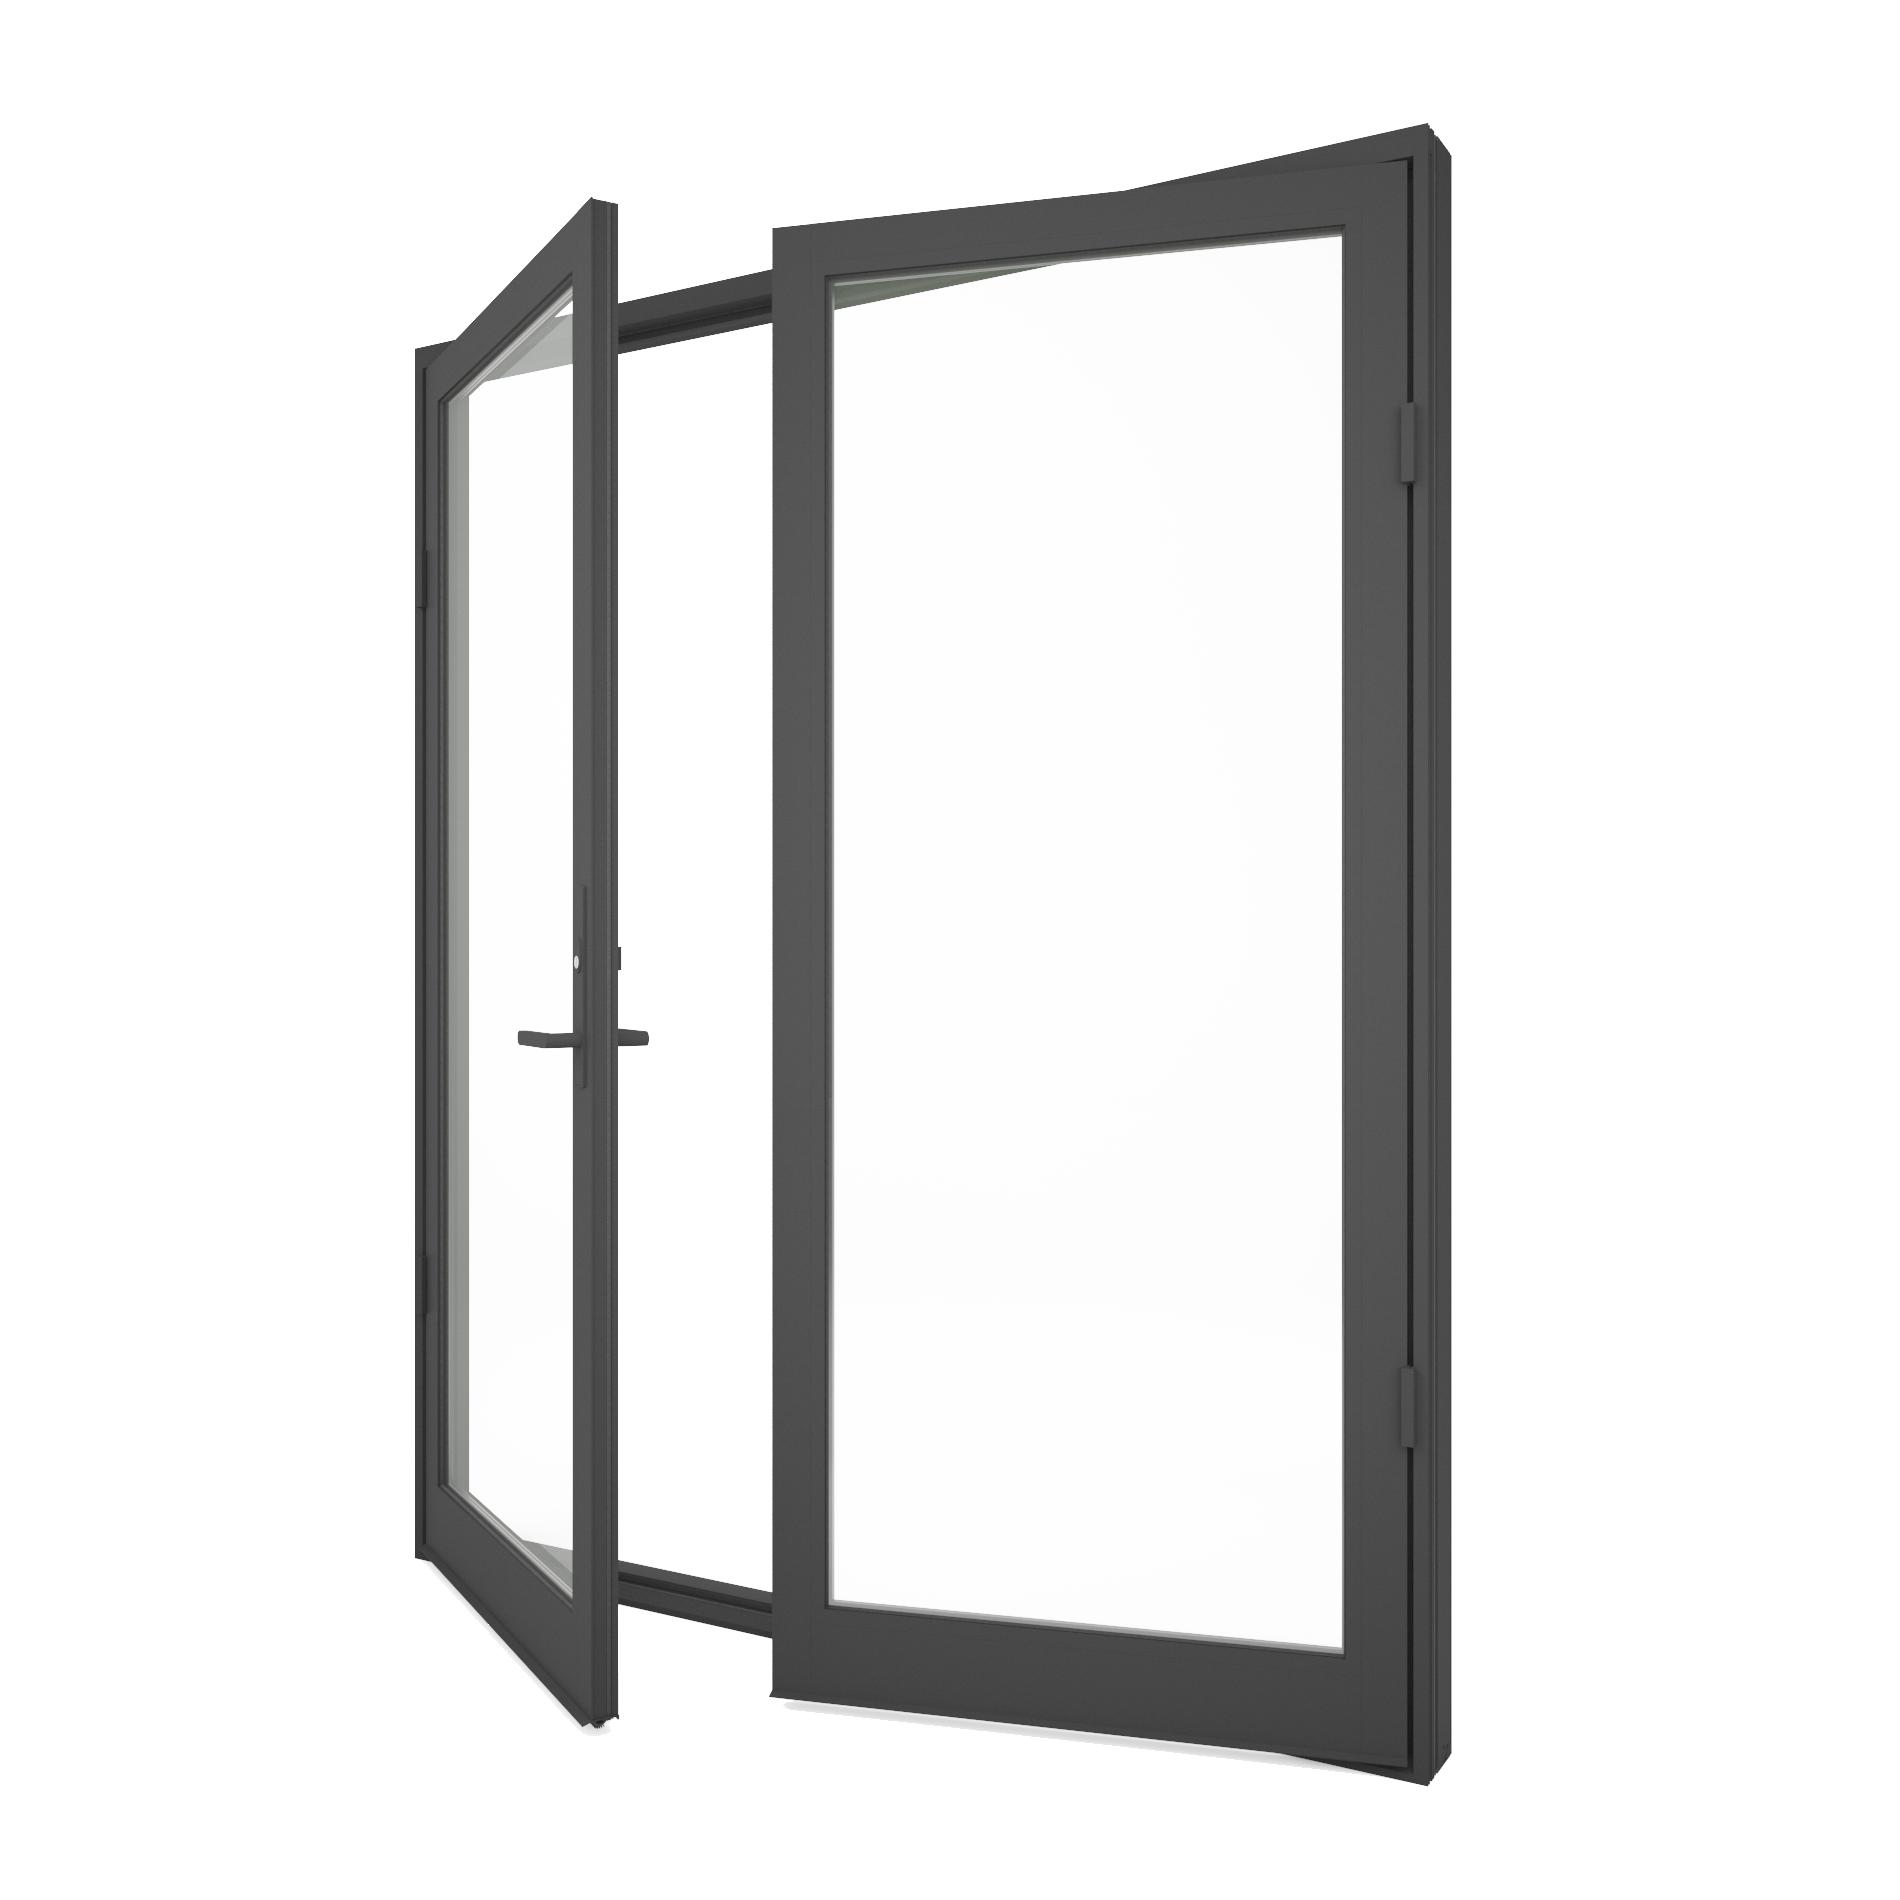 OD DOUBLE DOOR_G-outside open_120519 cut